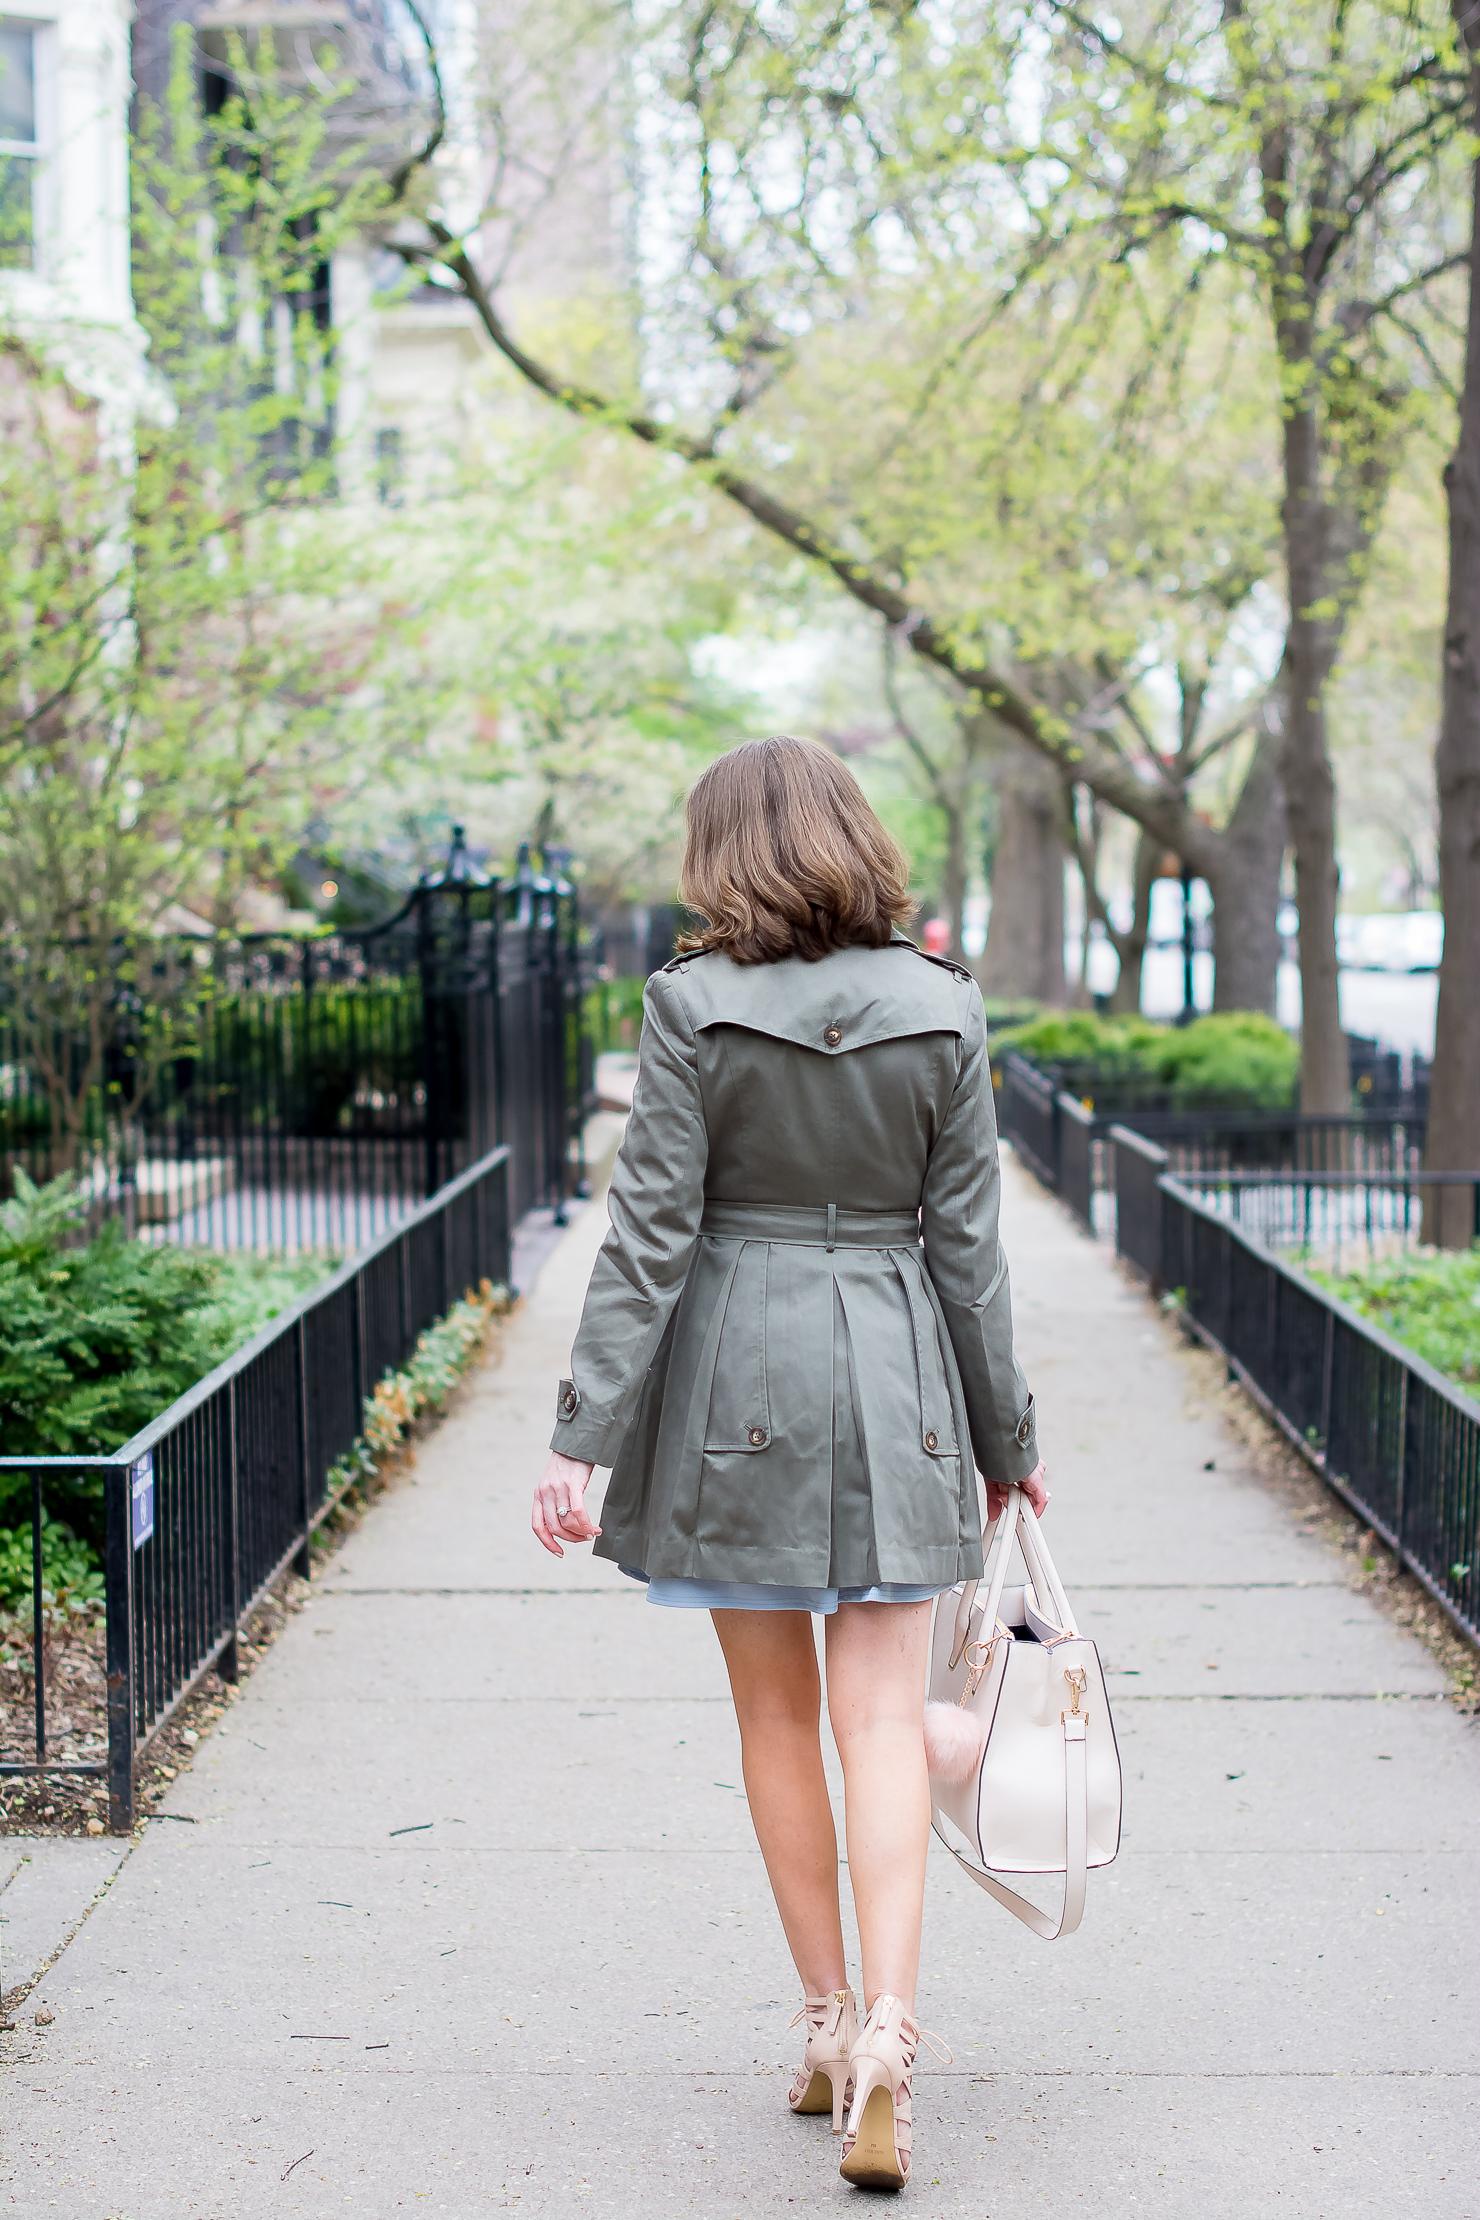 06fc3691bcb0 asos-skater-trench-boohoo-cold-shoulder-skater-dress-h&m-blush-tote-blush -fur-bag-pompom-nude-lace-up-sandals-spring-in-chicago-12